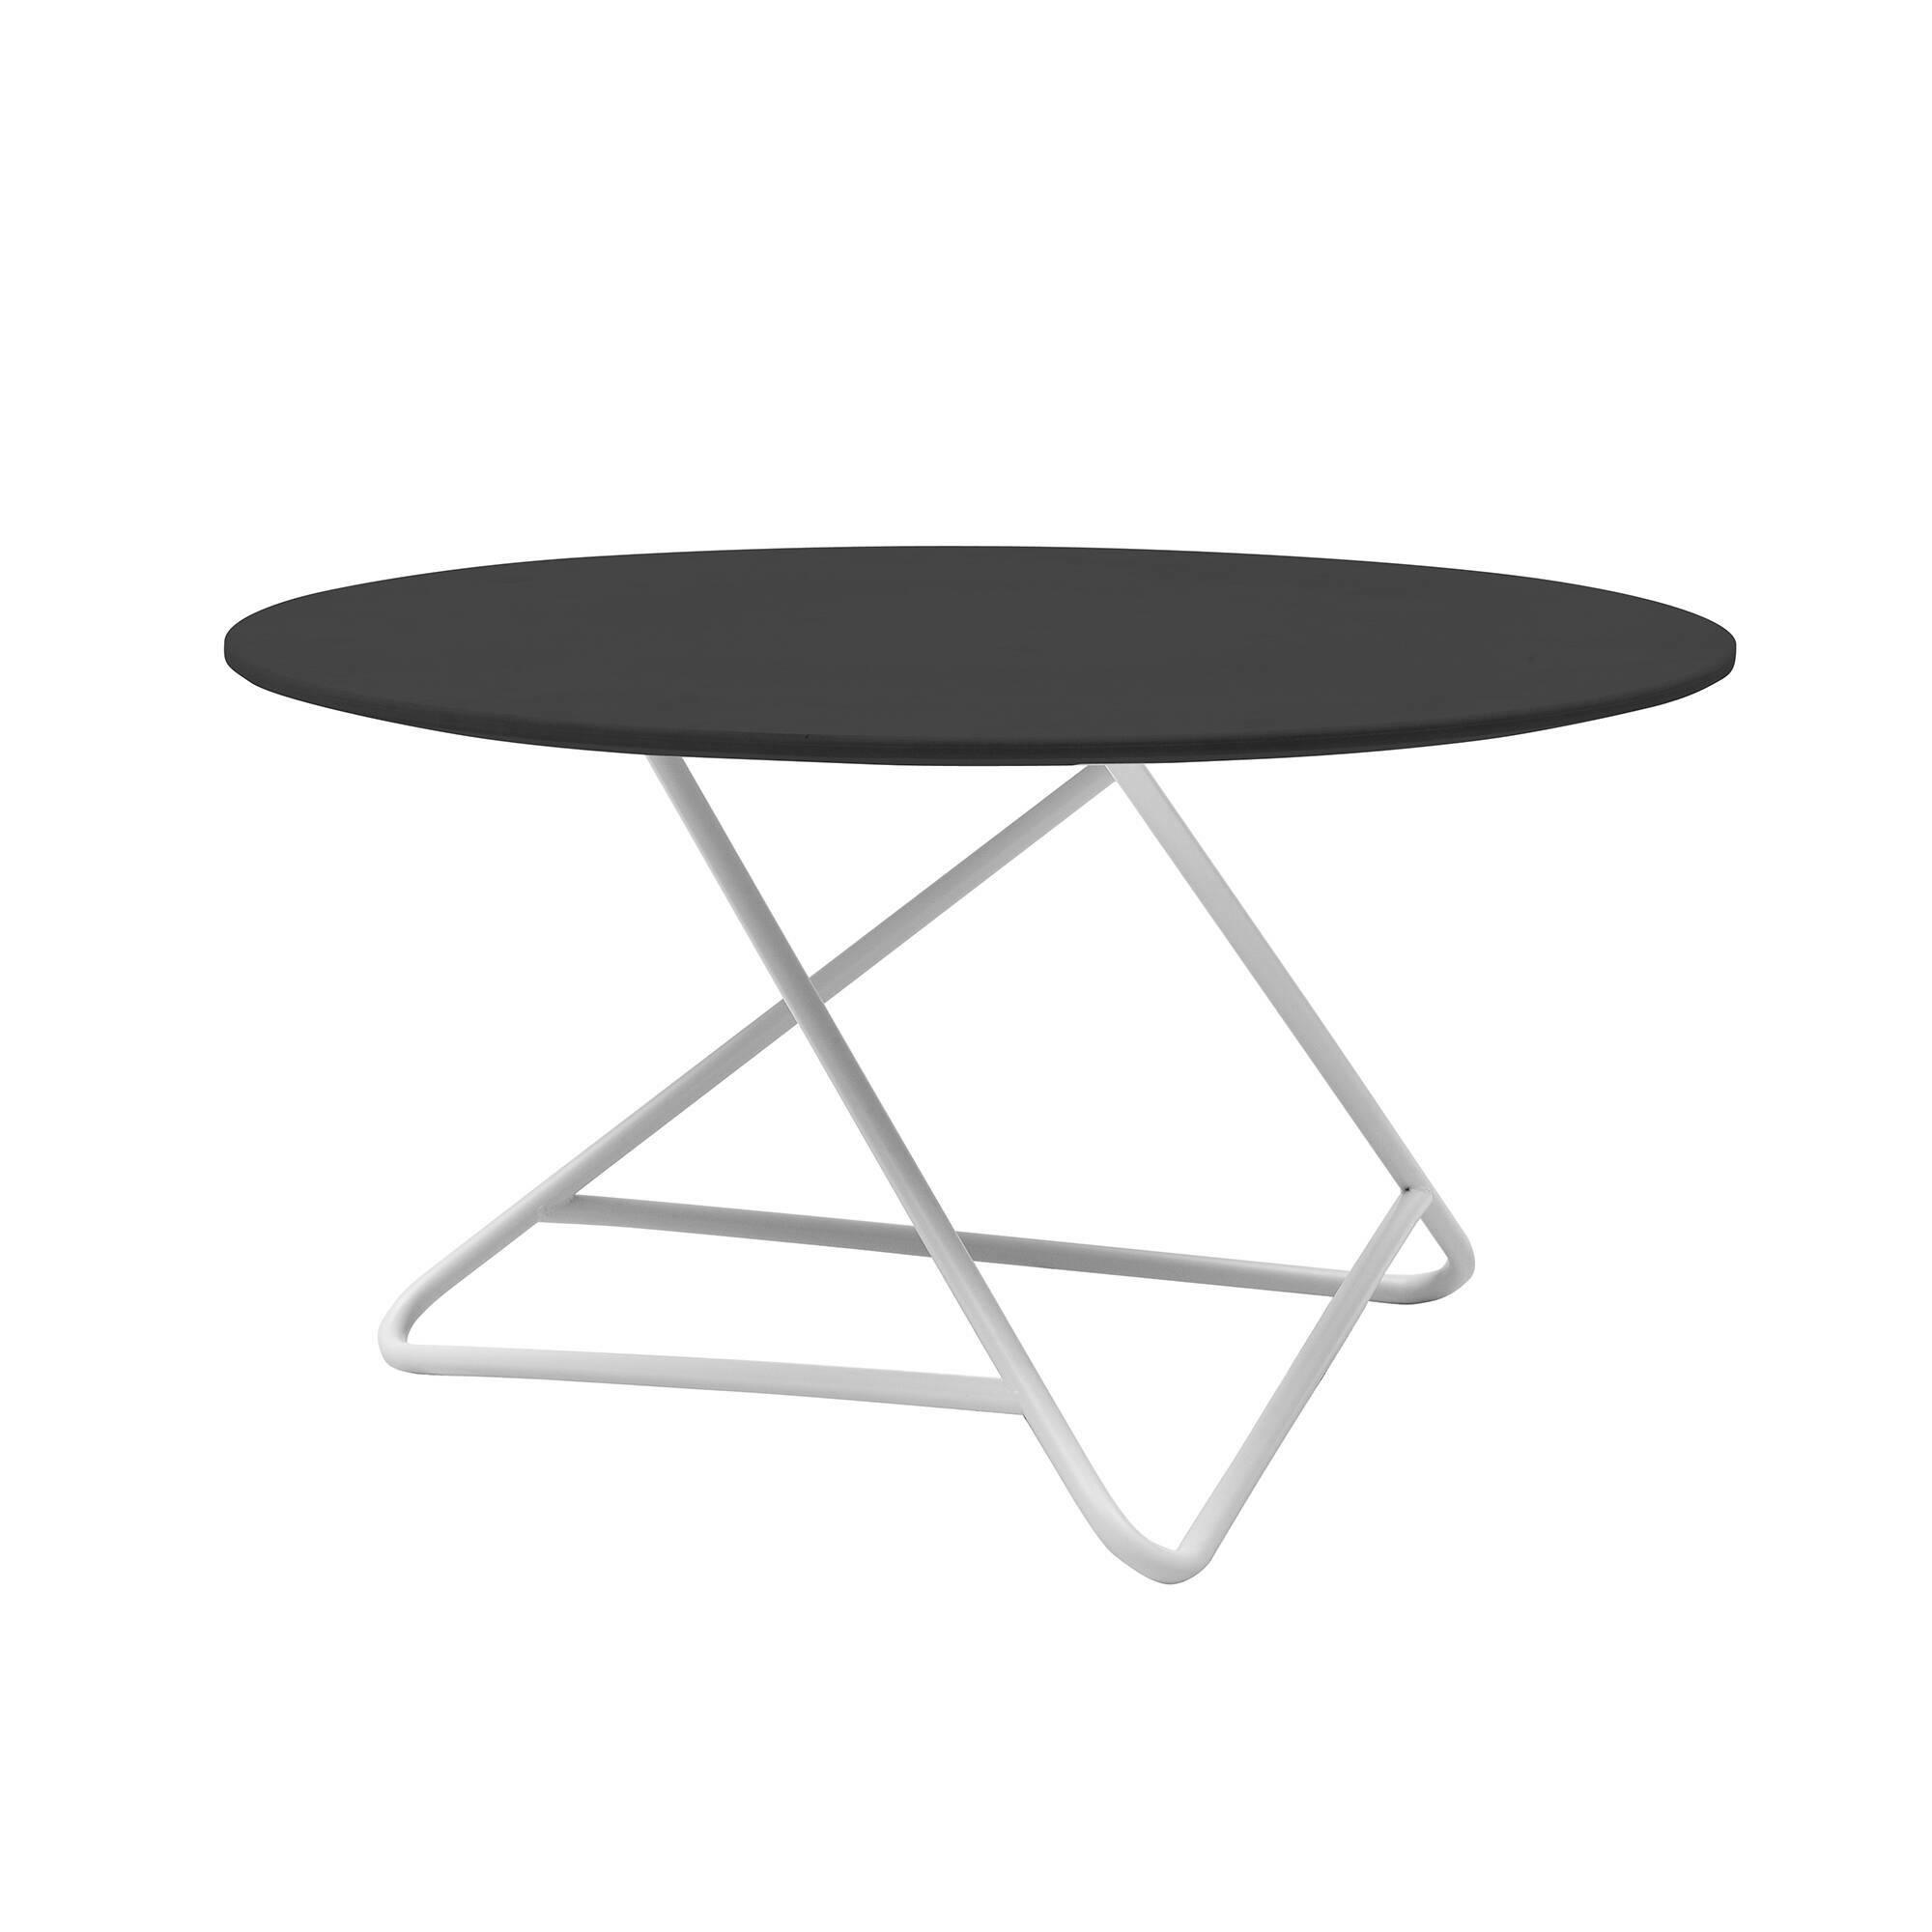 Кофейный стол TribecaКофейные столики<br>Сочетание четкого стиля и оригинальной конструкции стола в результате дает очень интересный результат. Кофейный стол Tribeca будет не только замечательным функциональным дополнением к общей обстановке комнаты, но и станет ее стильным современным украшением. Кроме того, данное изделие обладает широкой столешницей, что делает его вдвойне полезным.<br><br><br> Красивая конструкция ножек изготовлена из стали высочайшего качества, что гарантирует устойчивость и долговечность всего изделия. Широкая ...<br><br>stock: 0<br>Высота: 41<br>Диаметр: 75<br>Цвет ножек: Белый<br>Цвет столешницы: Черный<br>Материал ножек: Сталь<br>Тип материала столешницы: МДФ